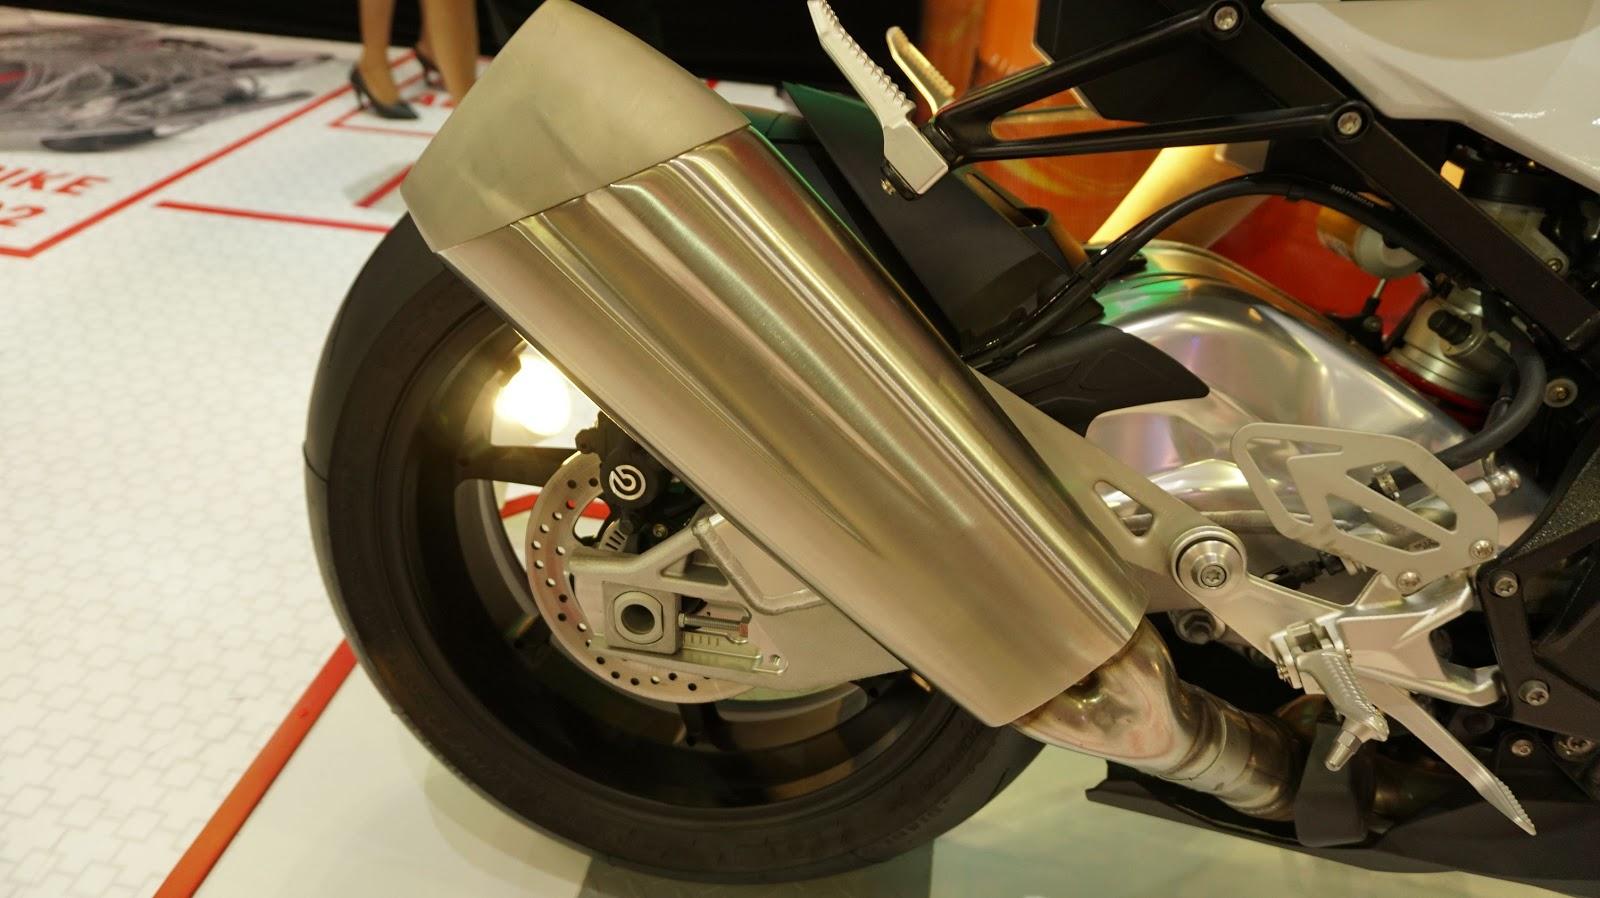 Bánh sau một phanh đĩa với ABS, ống xả của xe chắc chắn, thể thao và to bản